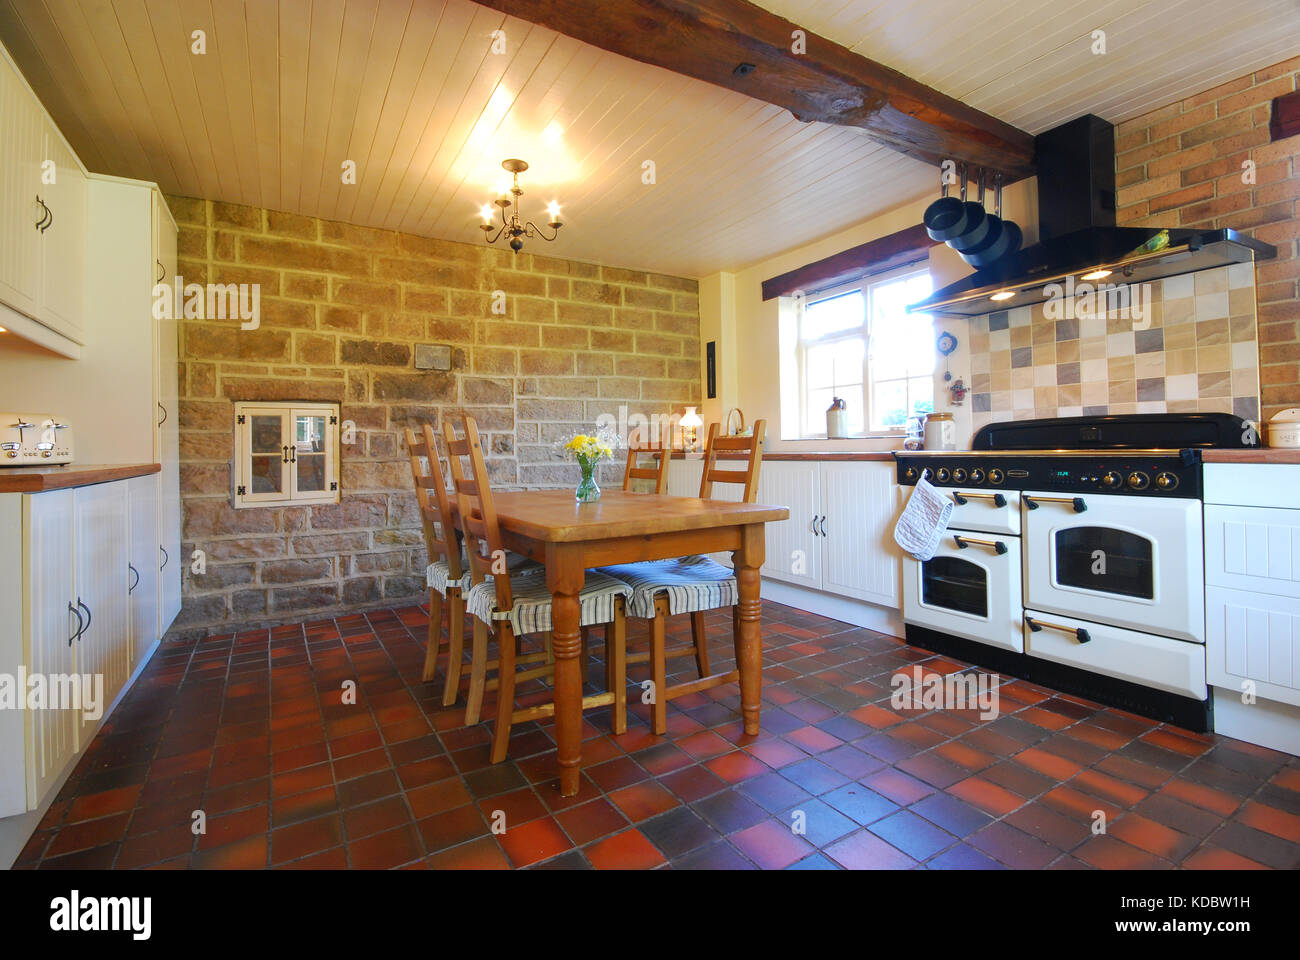 Bauernhof Küche mit Terracotta Fliesen und Naturstein arbeiten ...